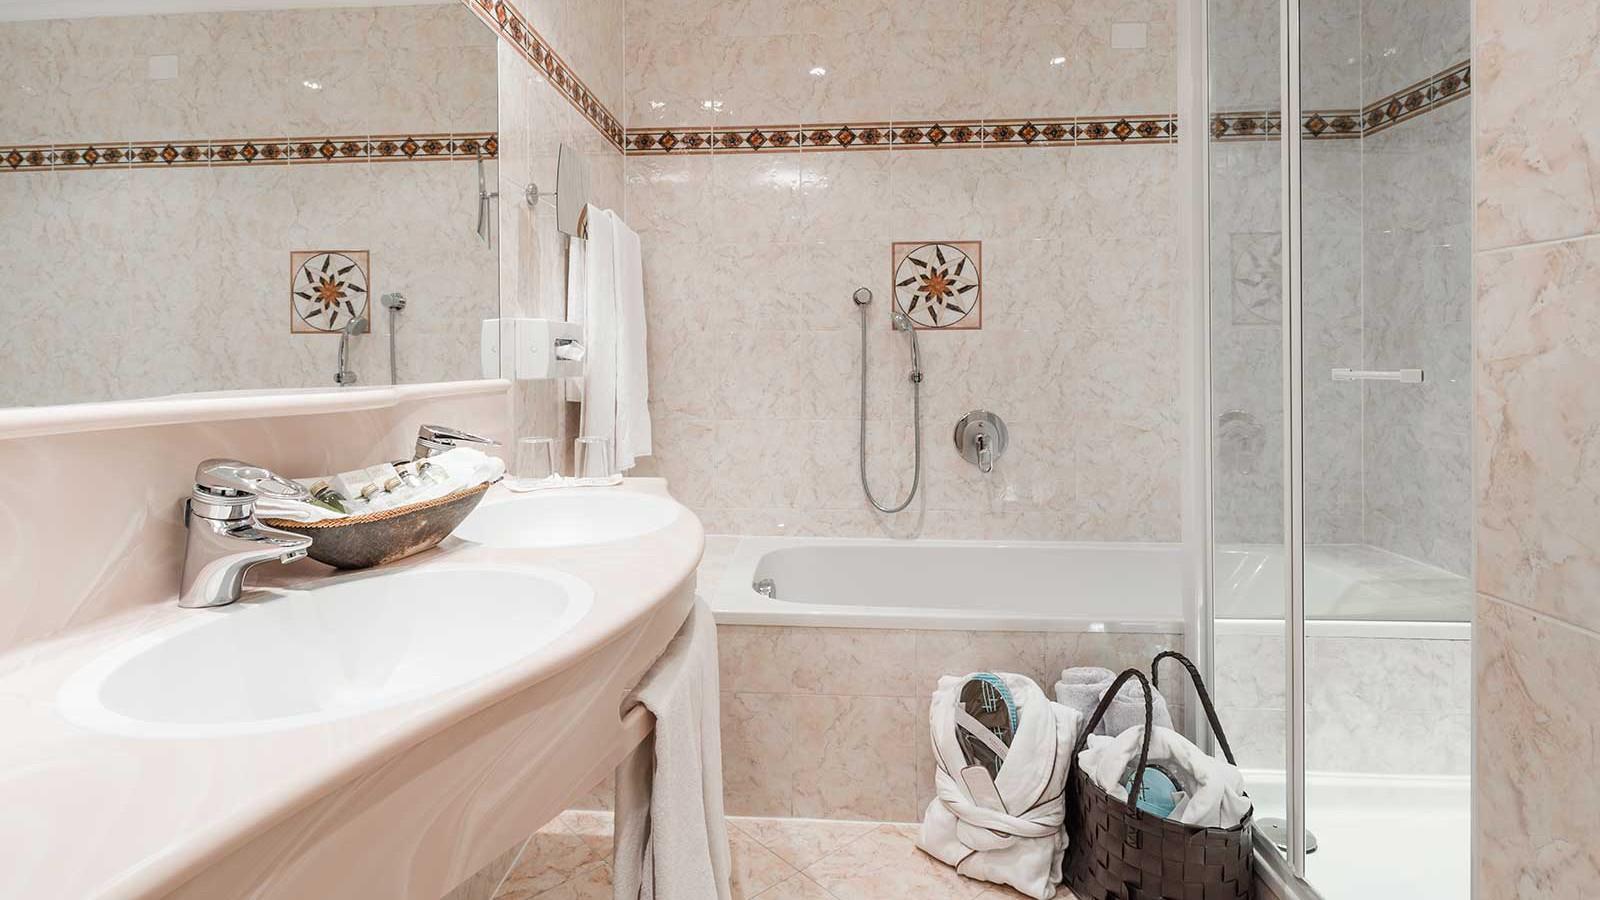 Alpenheim Charming Hotel - junior suite bathroom